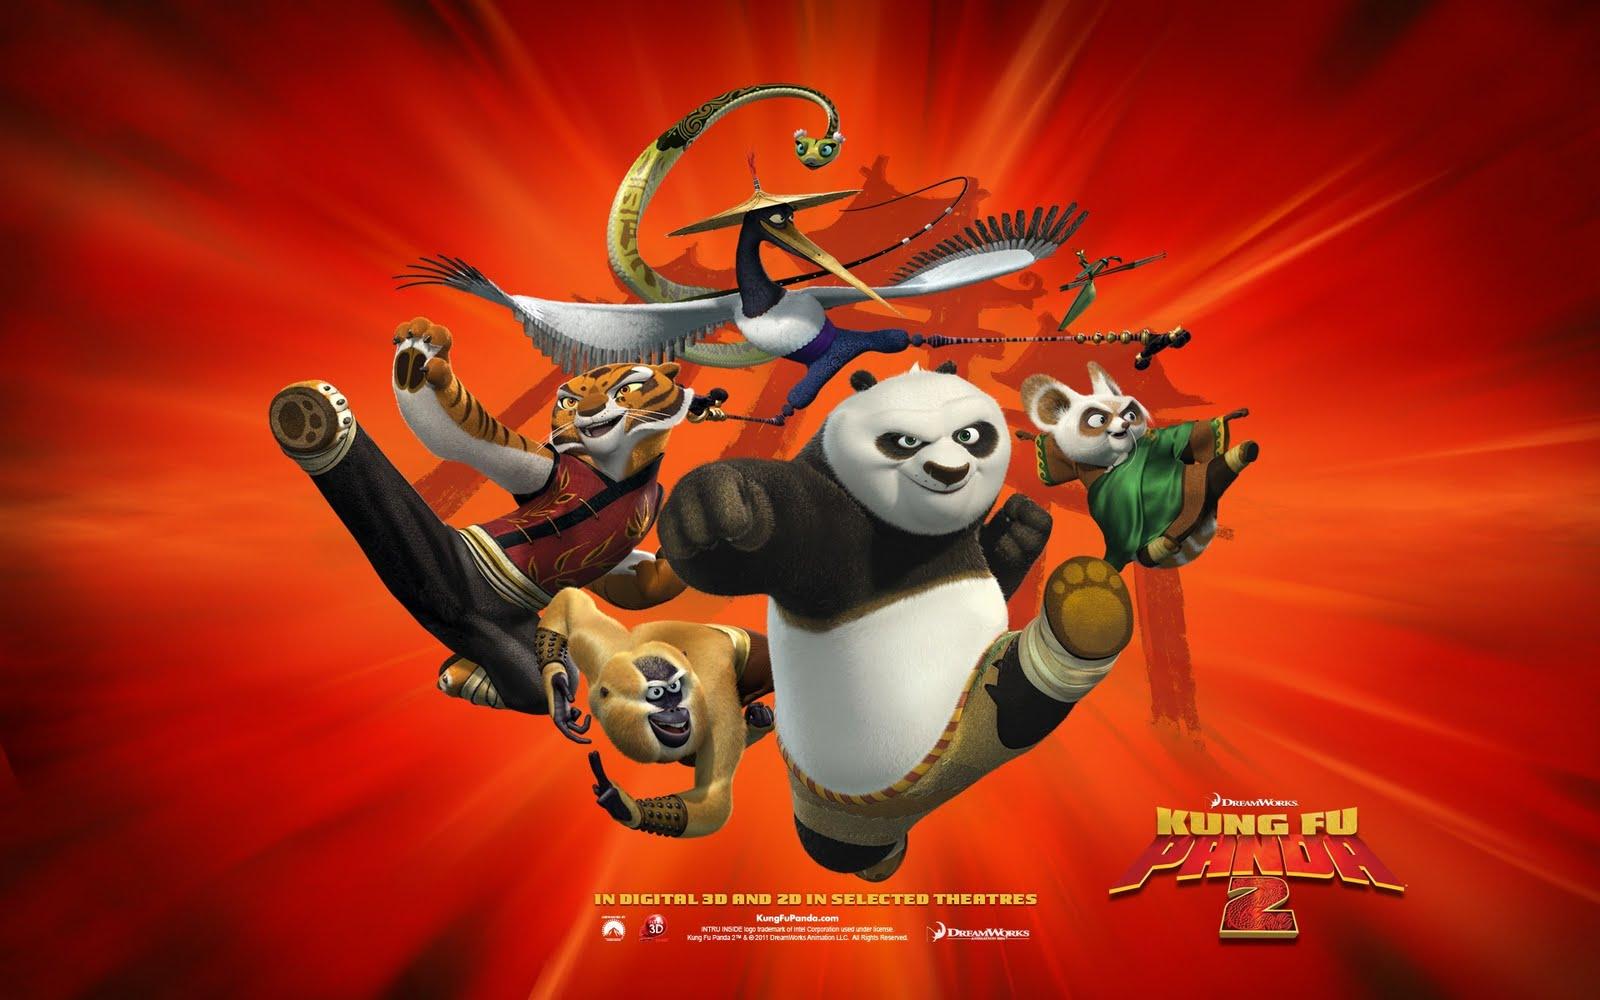 http://2.bp.blogspot.com/-e-Fr672icEY/TduqLANpfrI/AAAAAAAACEM/zllVrMPOiyQ/s1600/Kung+Fu+Panda+2+Wallpaper+12.jpg